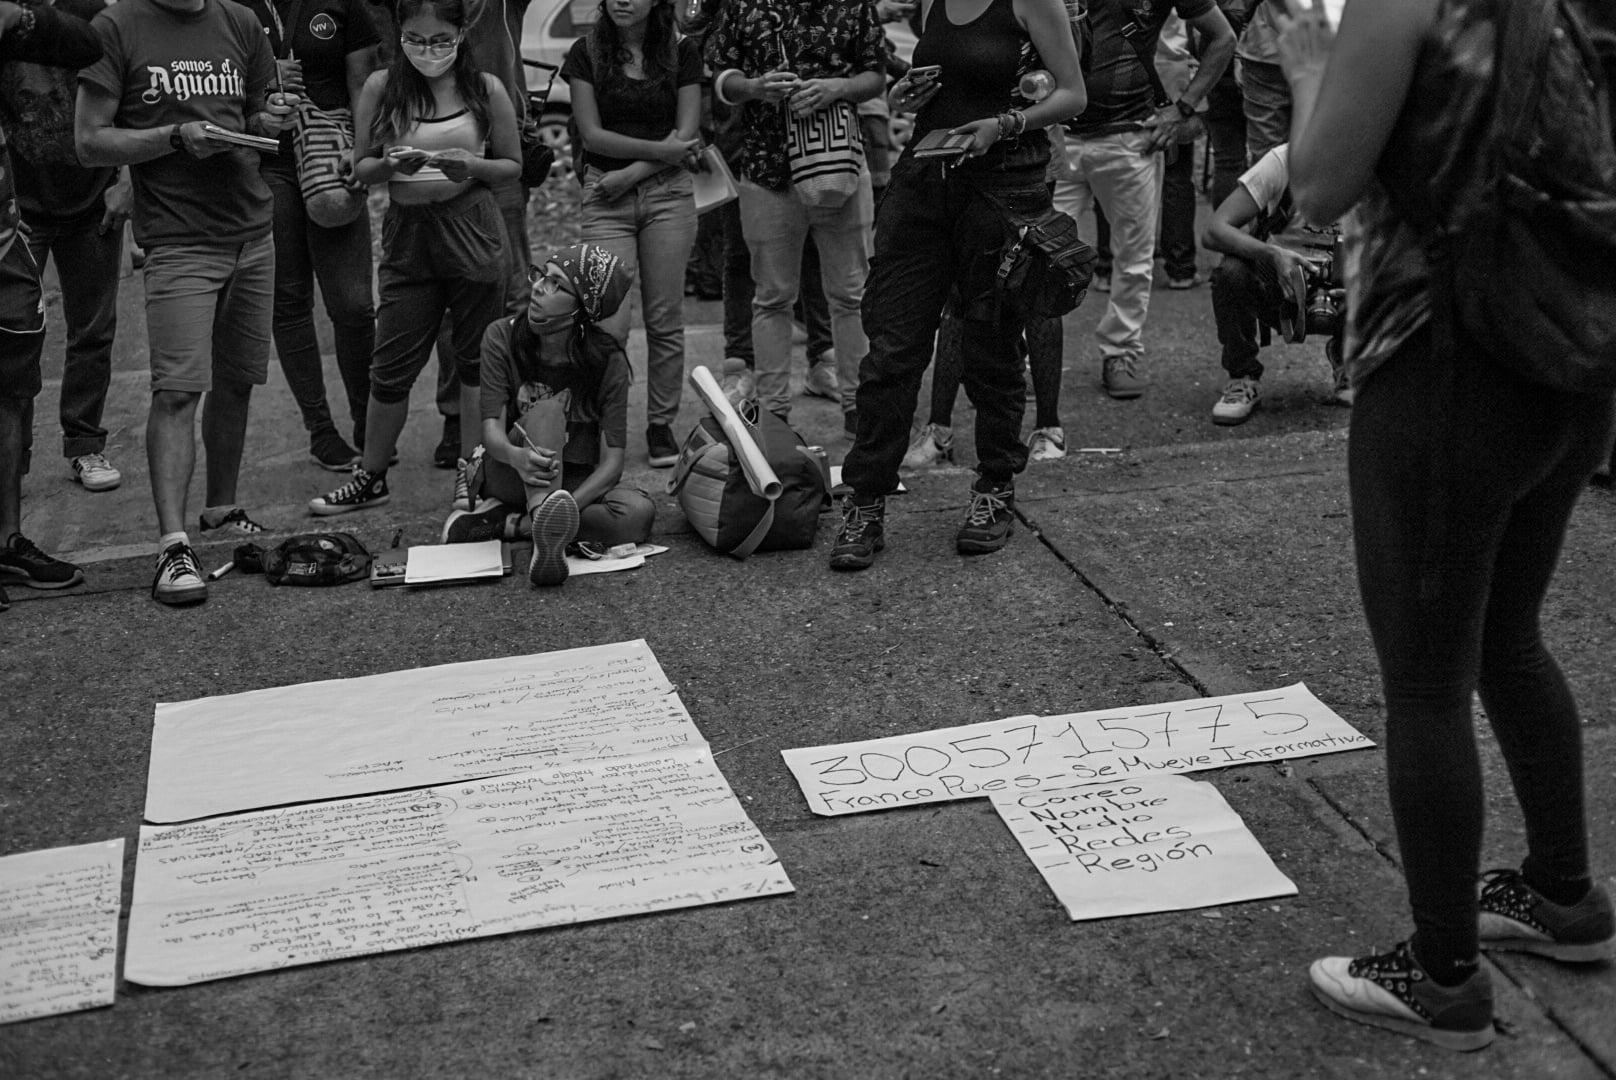 Puede ser una imagen en blanco y negro de una o varias personas y personas de pie